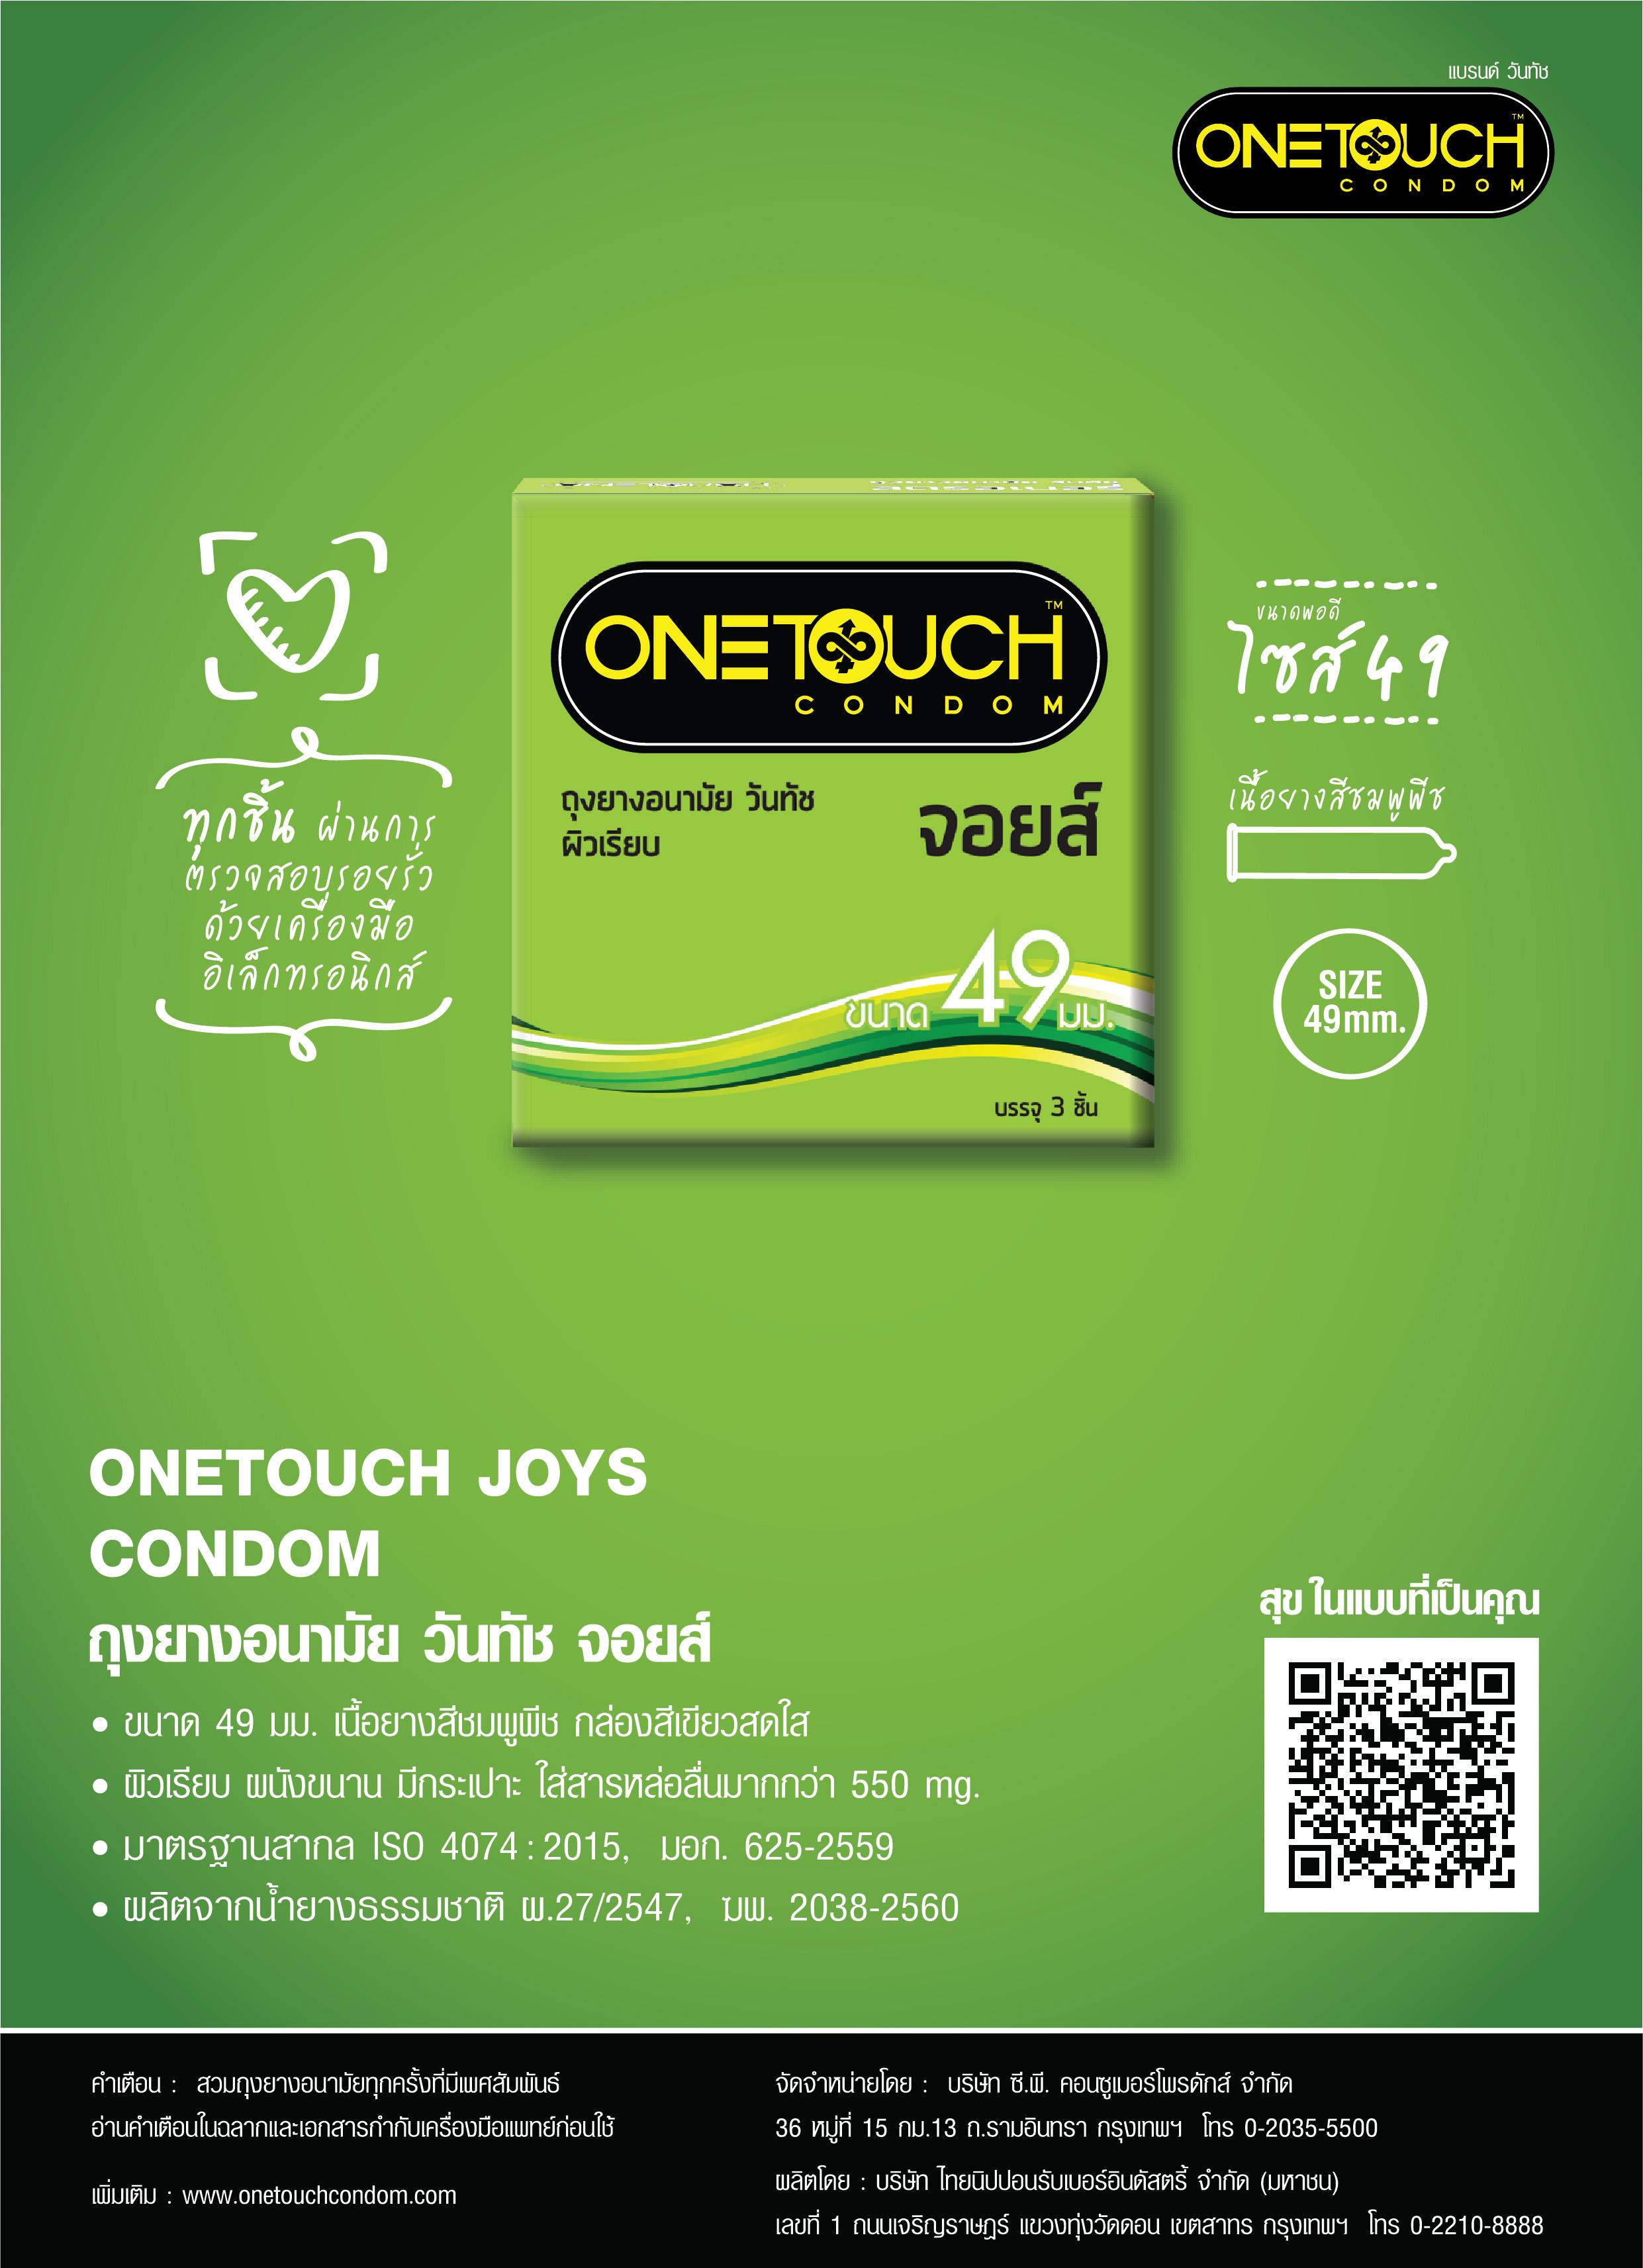 Onetouch Joys